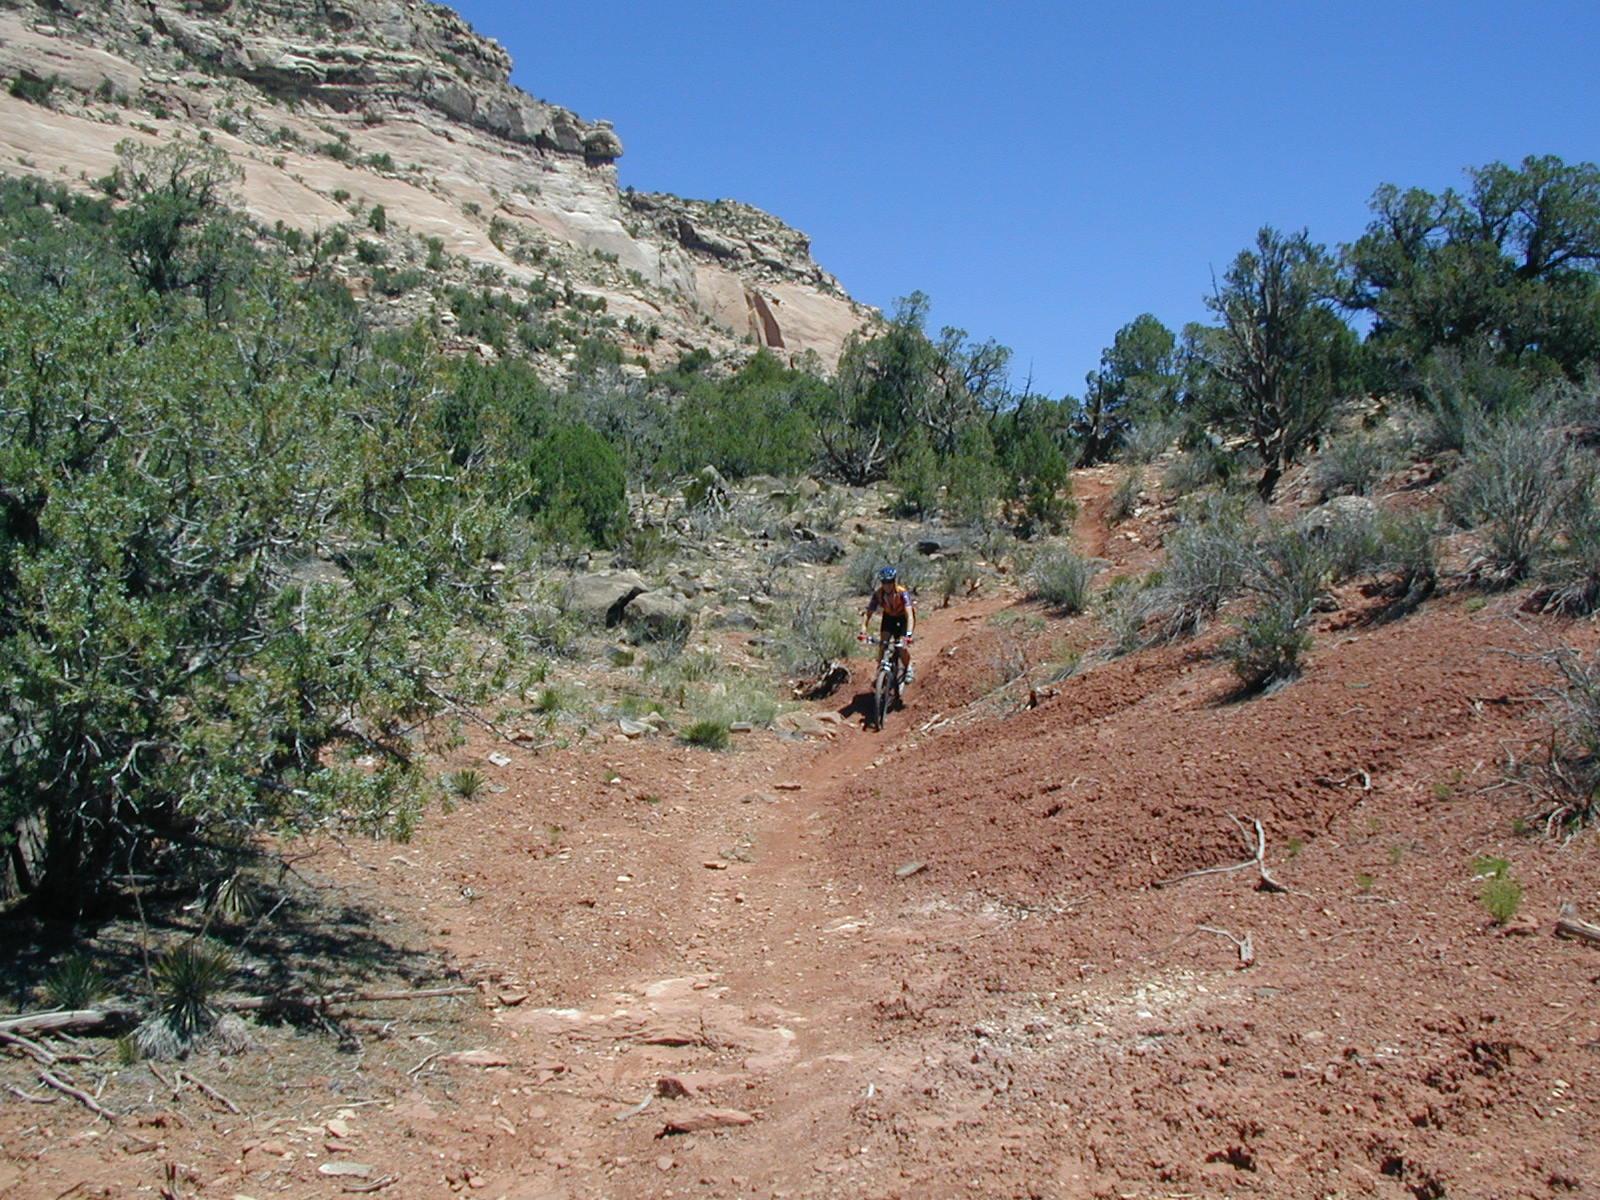 Biking Sand Canyon